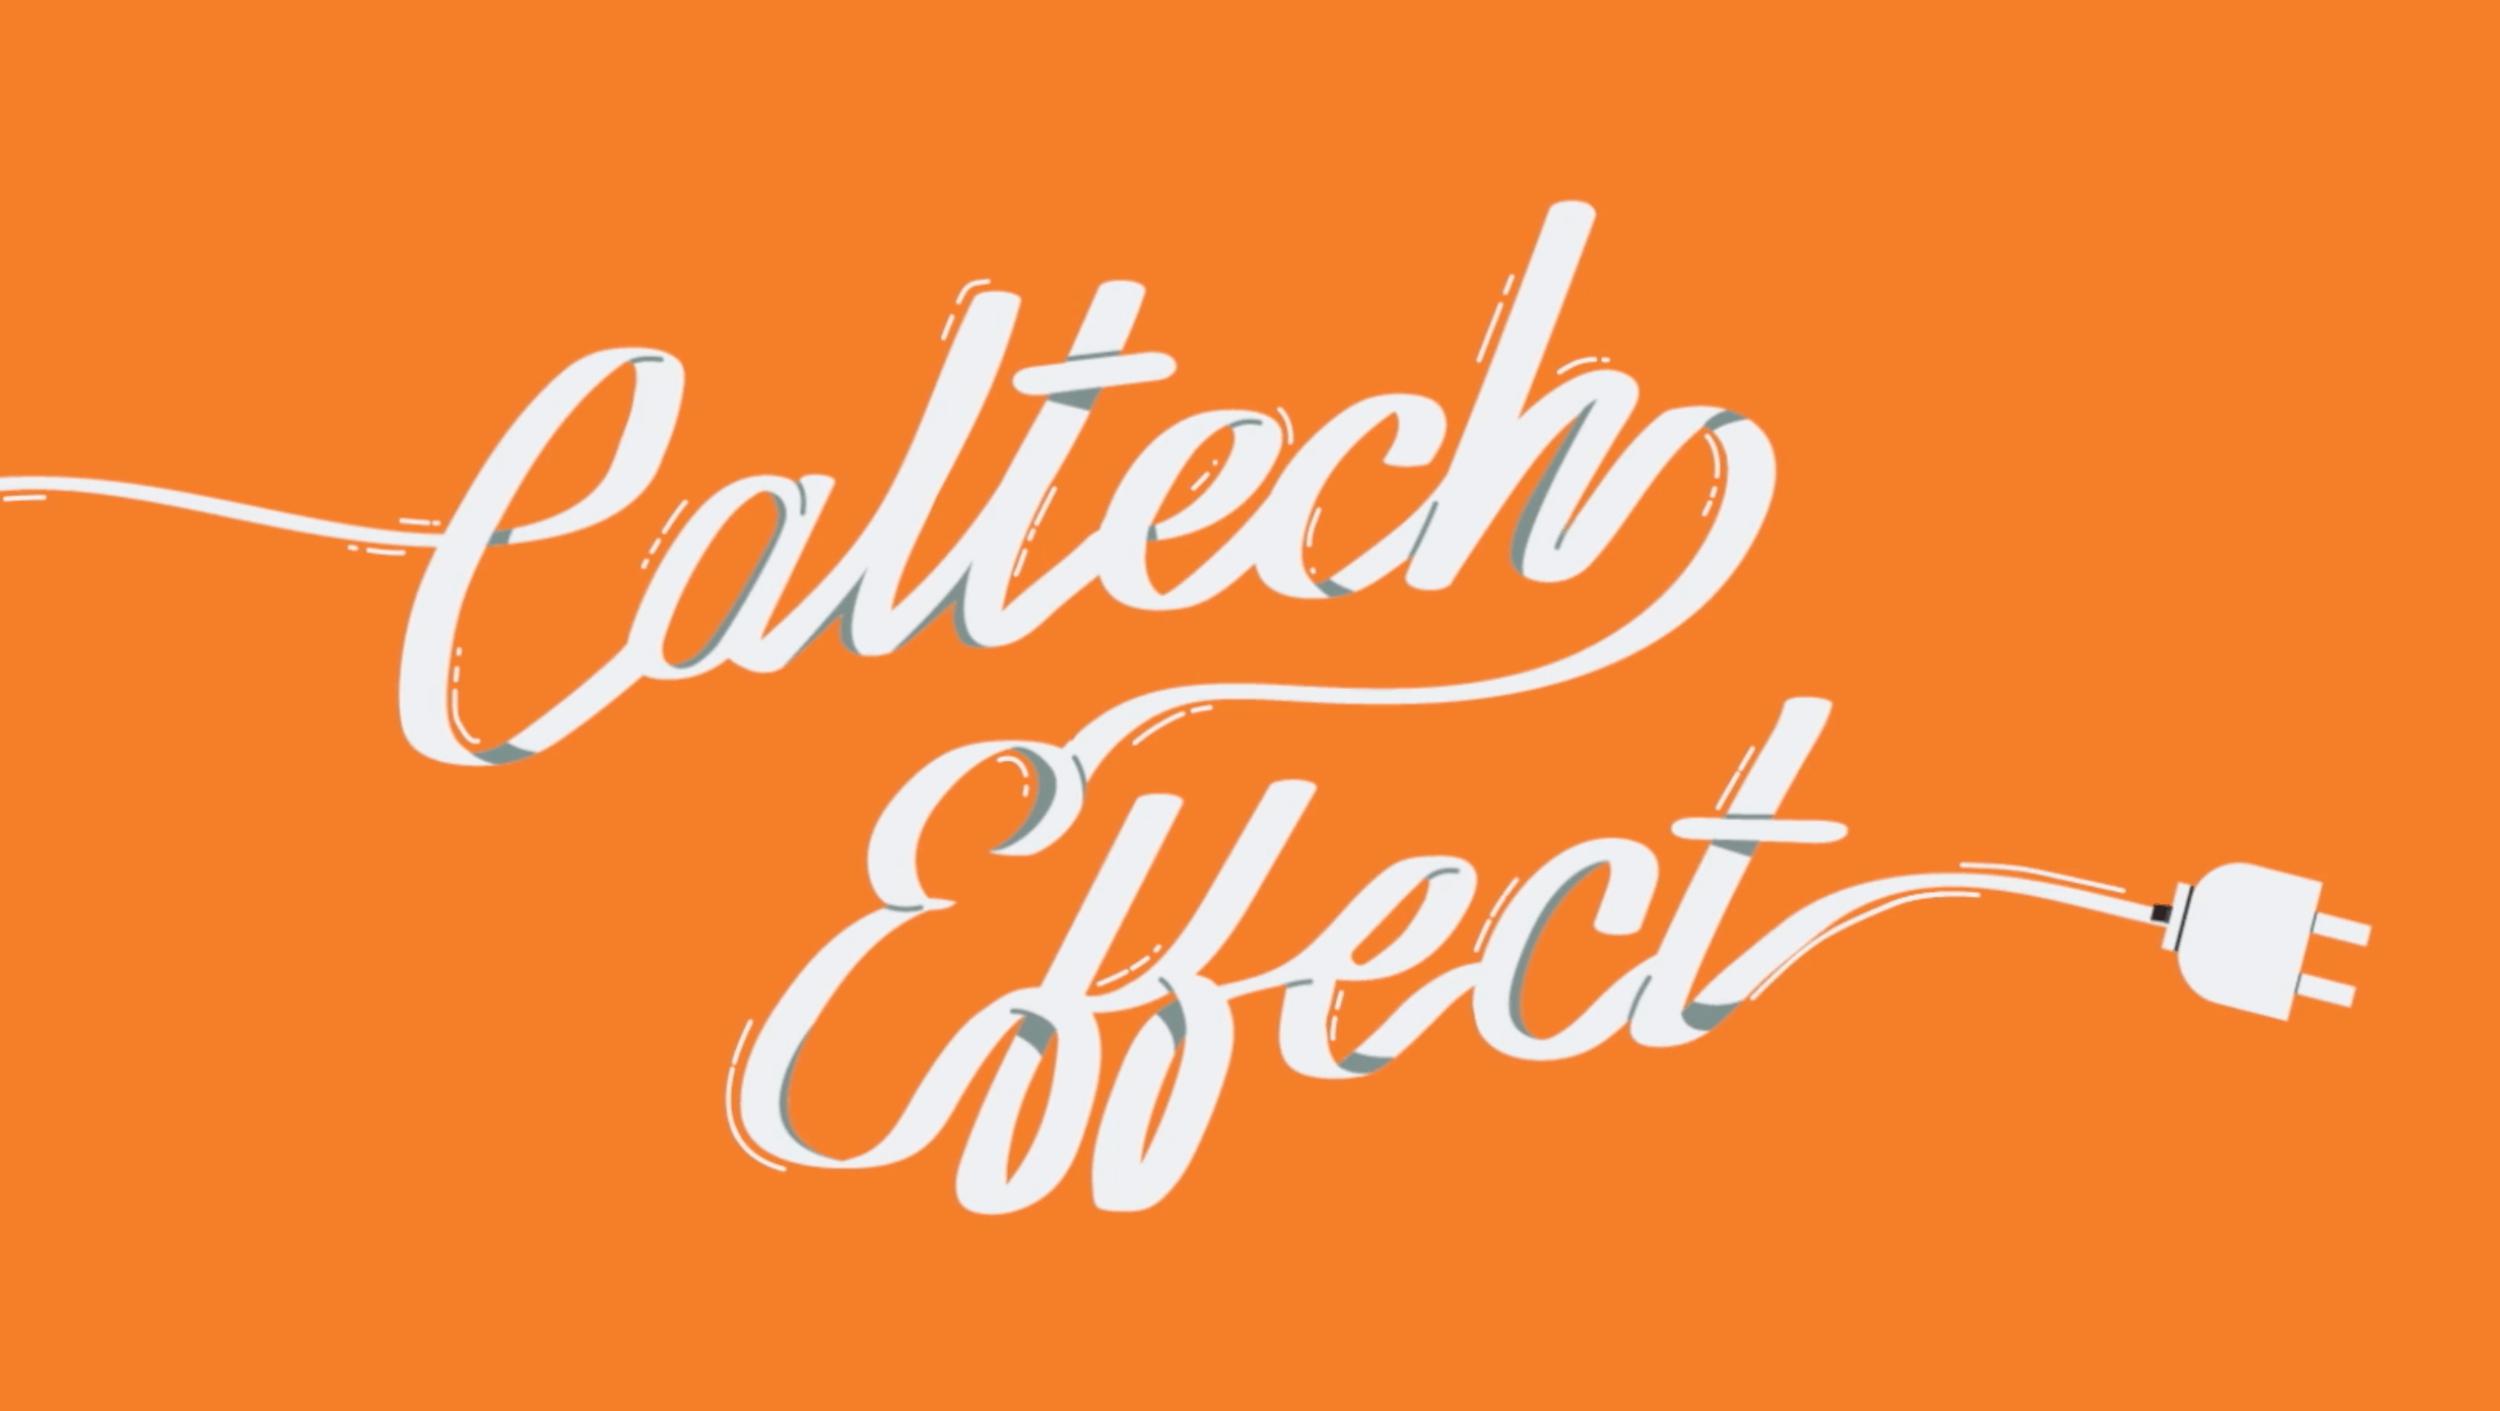 Caltech Effect